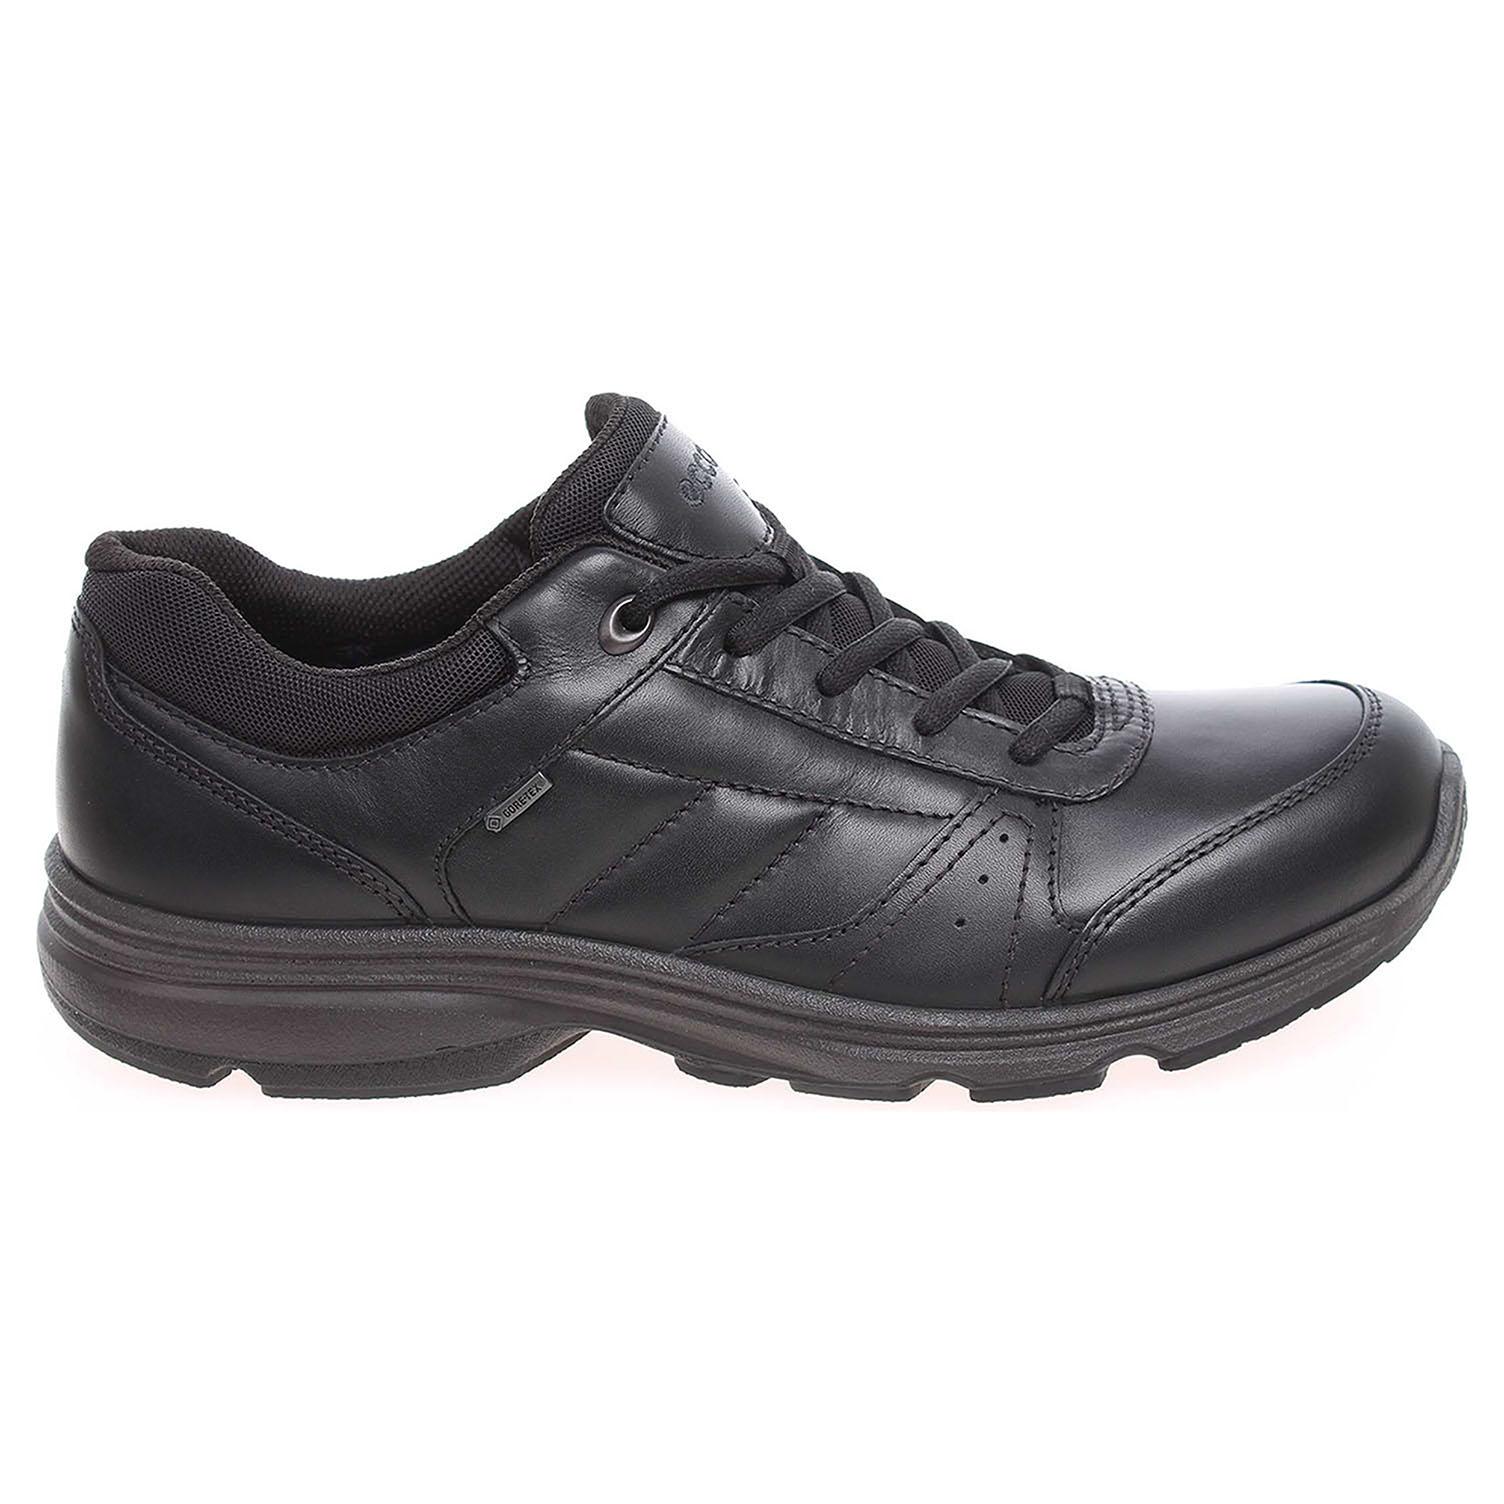 Ecco Ecco Light IV pánská obuv 83600401001 černá 24000365